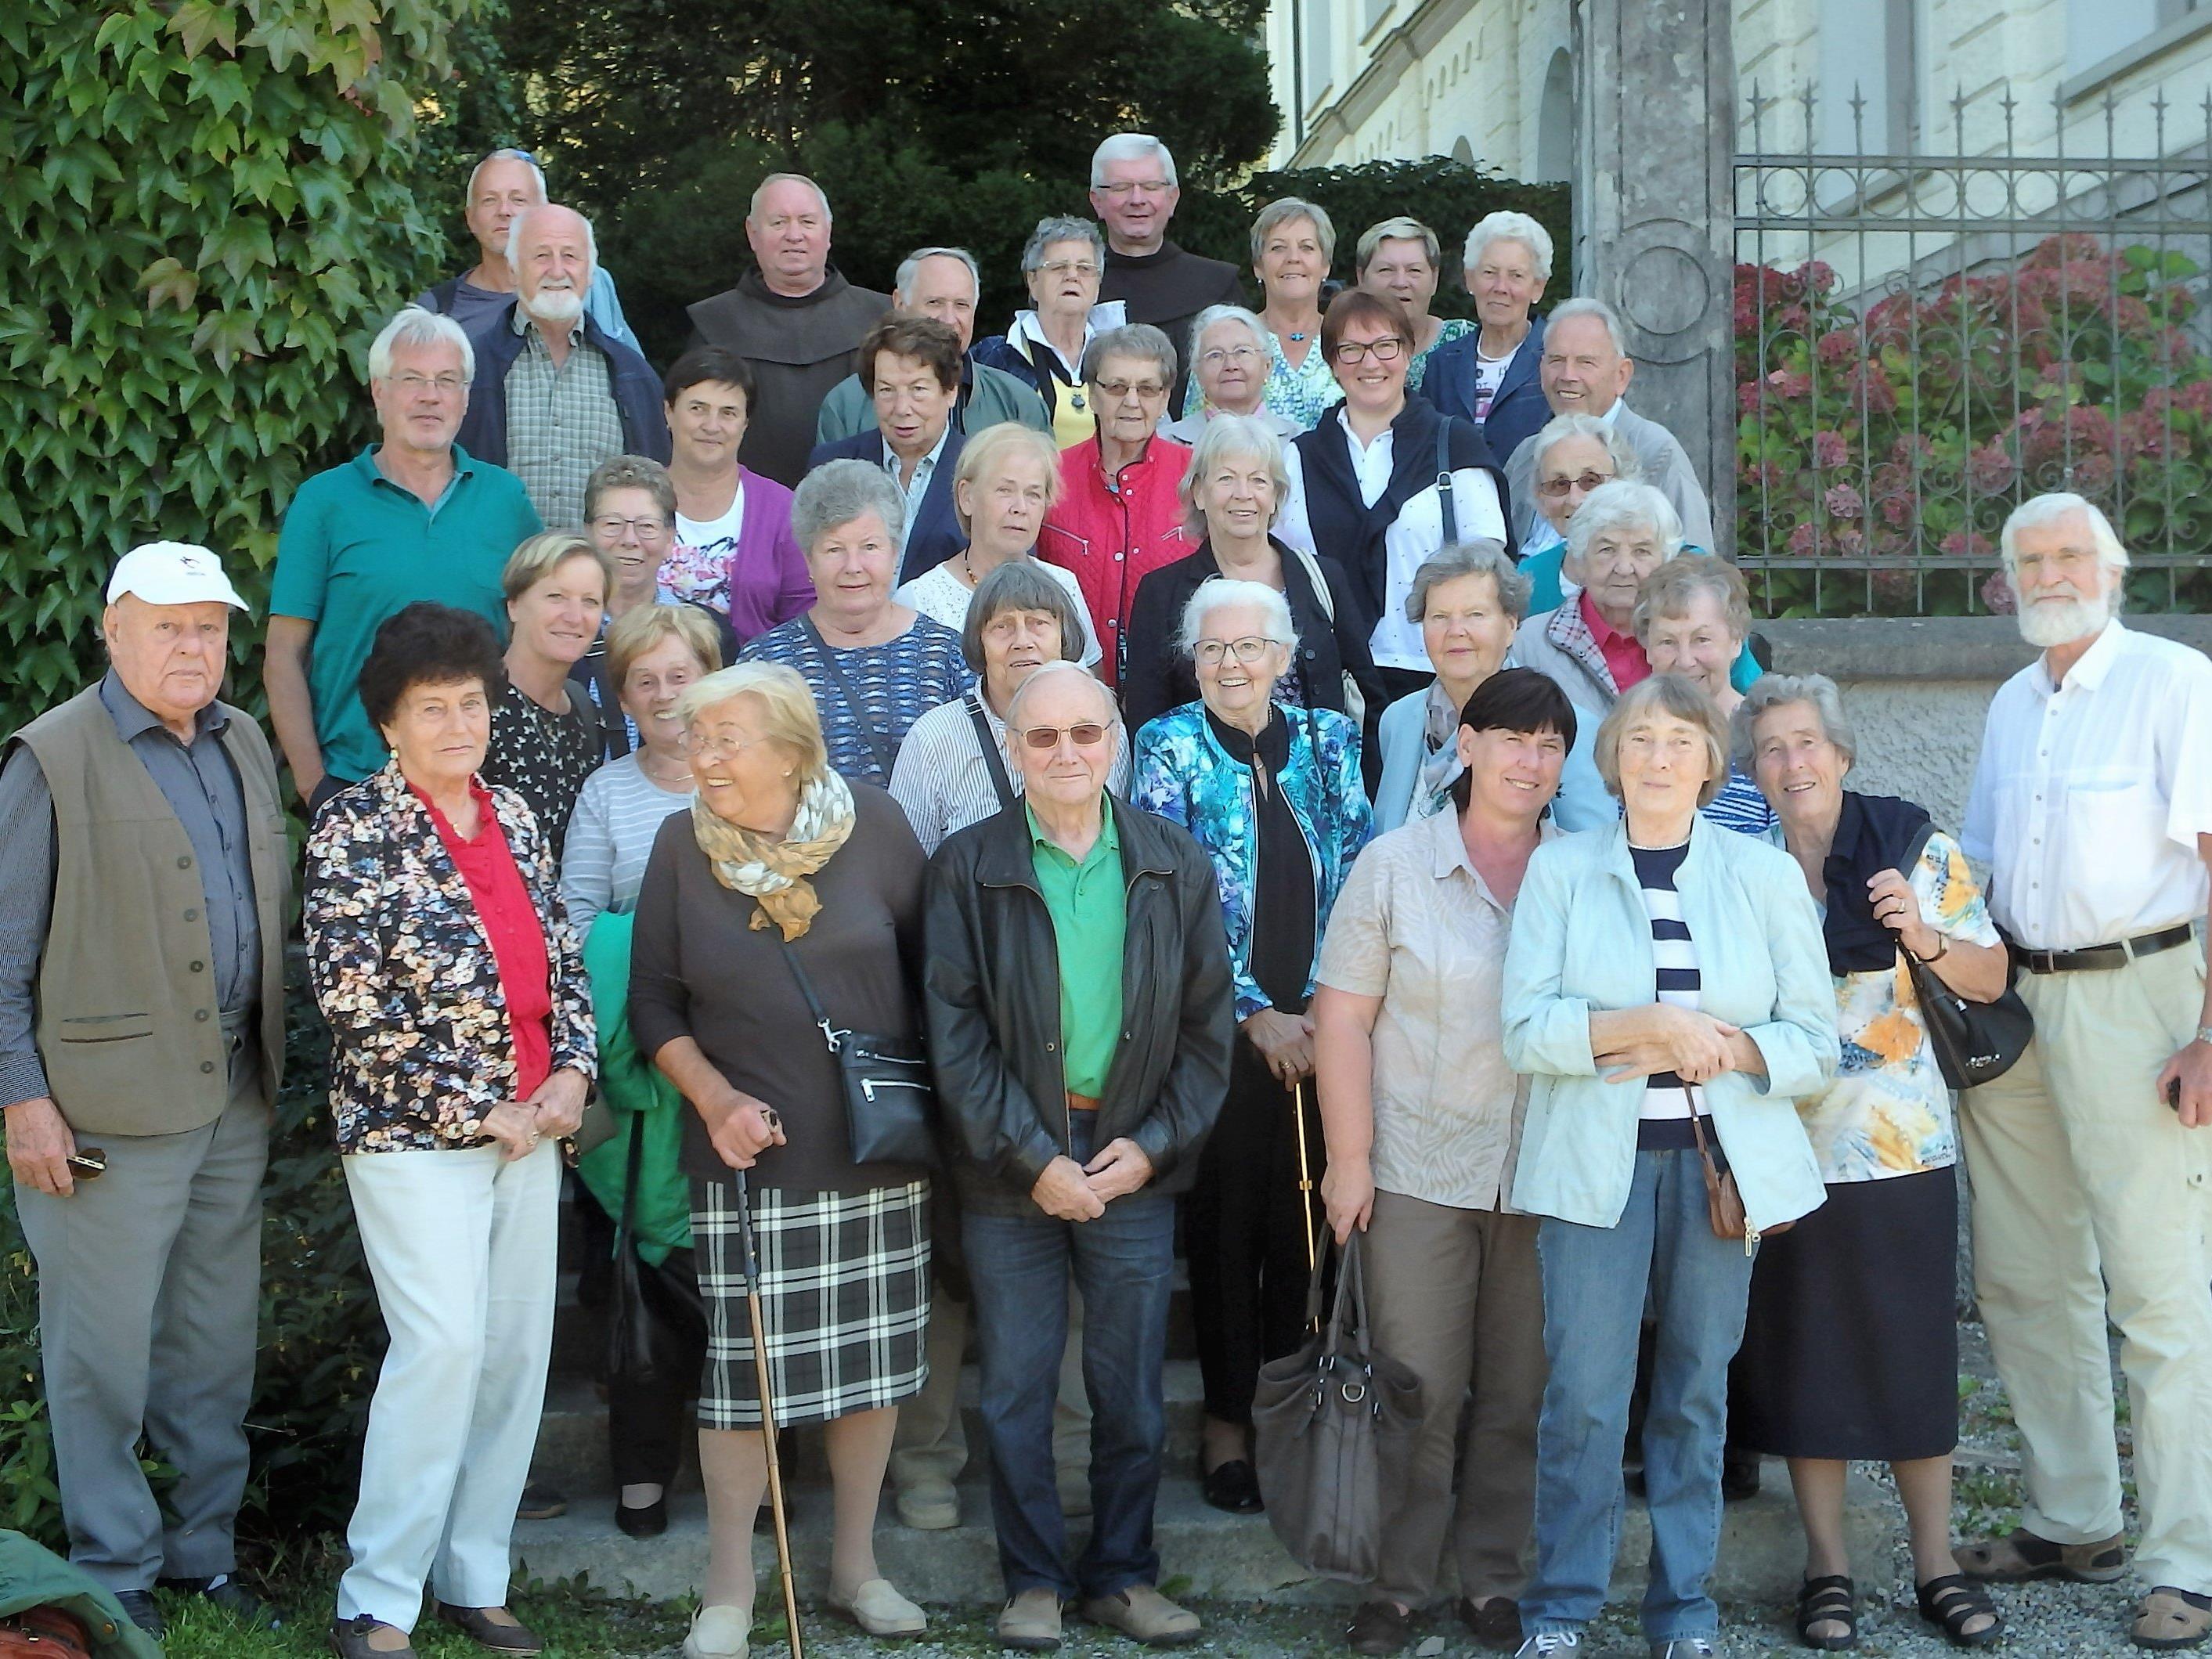 St. Antoniusbruderschaftsmitglieder Rungelin im Zisterzienserinnenkloster Mariastern-Gwiggen